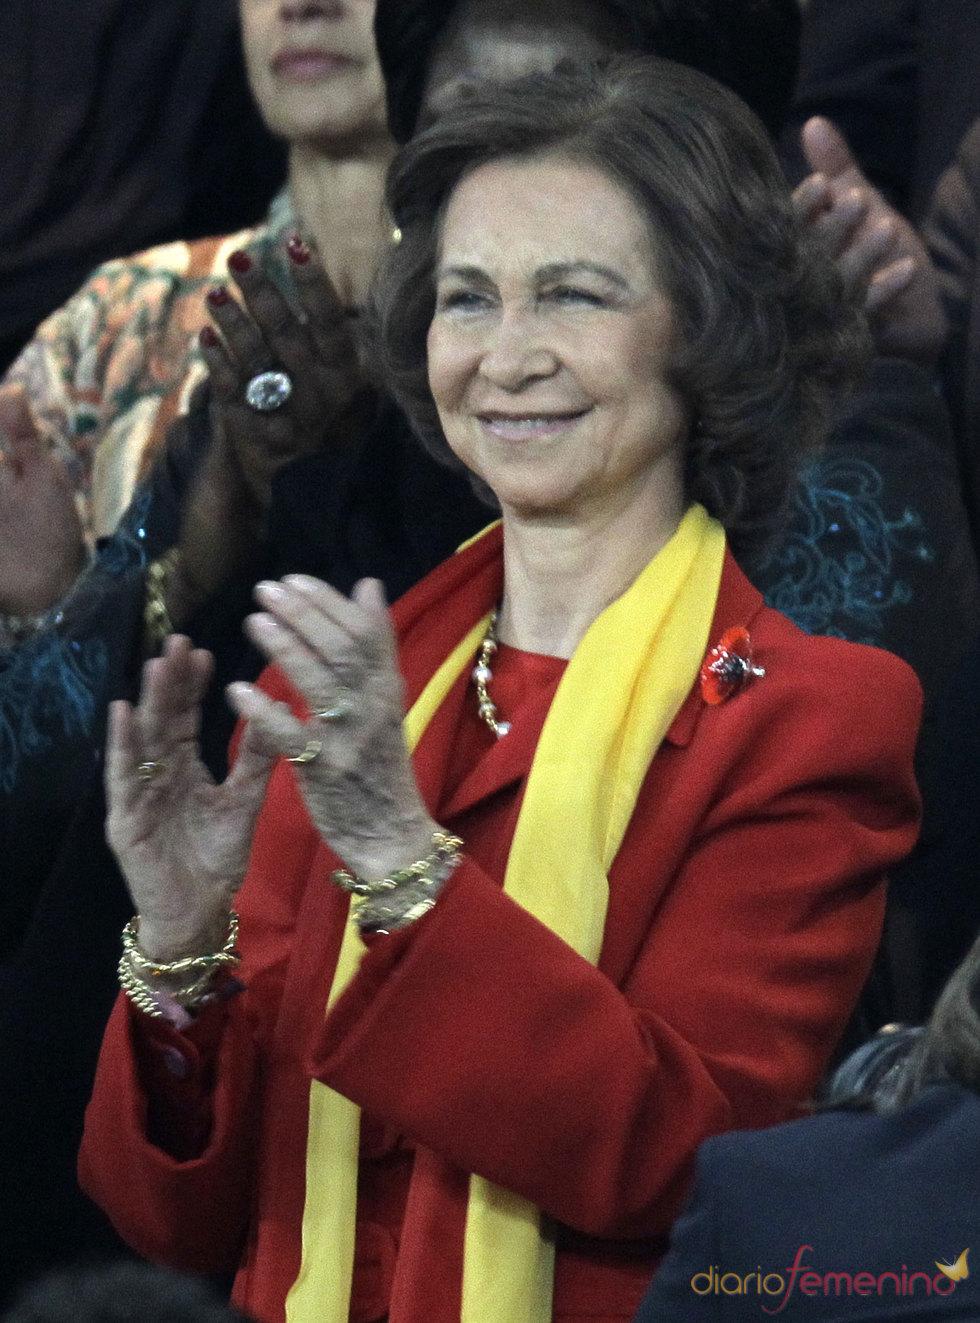 La Reina Sofía, de rojo y amarillo, celebra la victoria de España